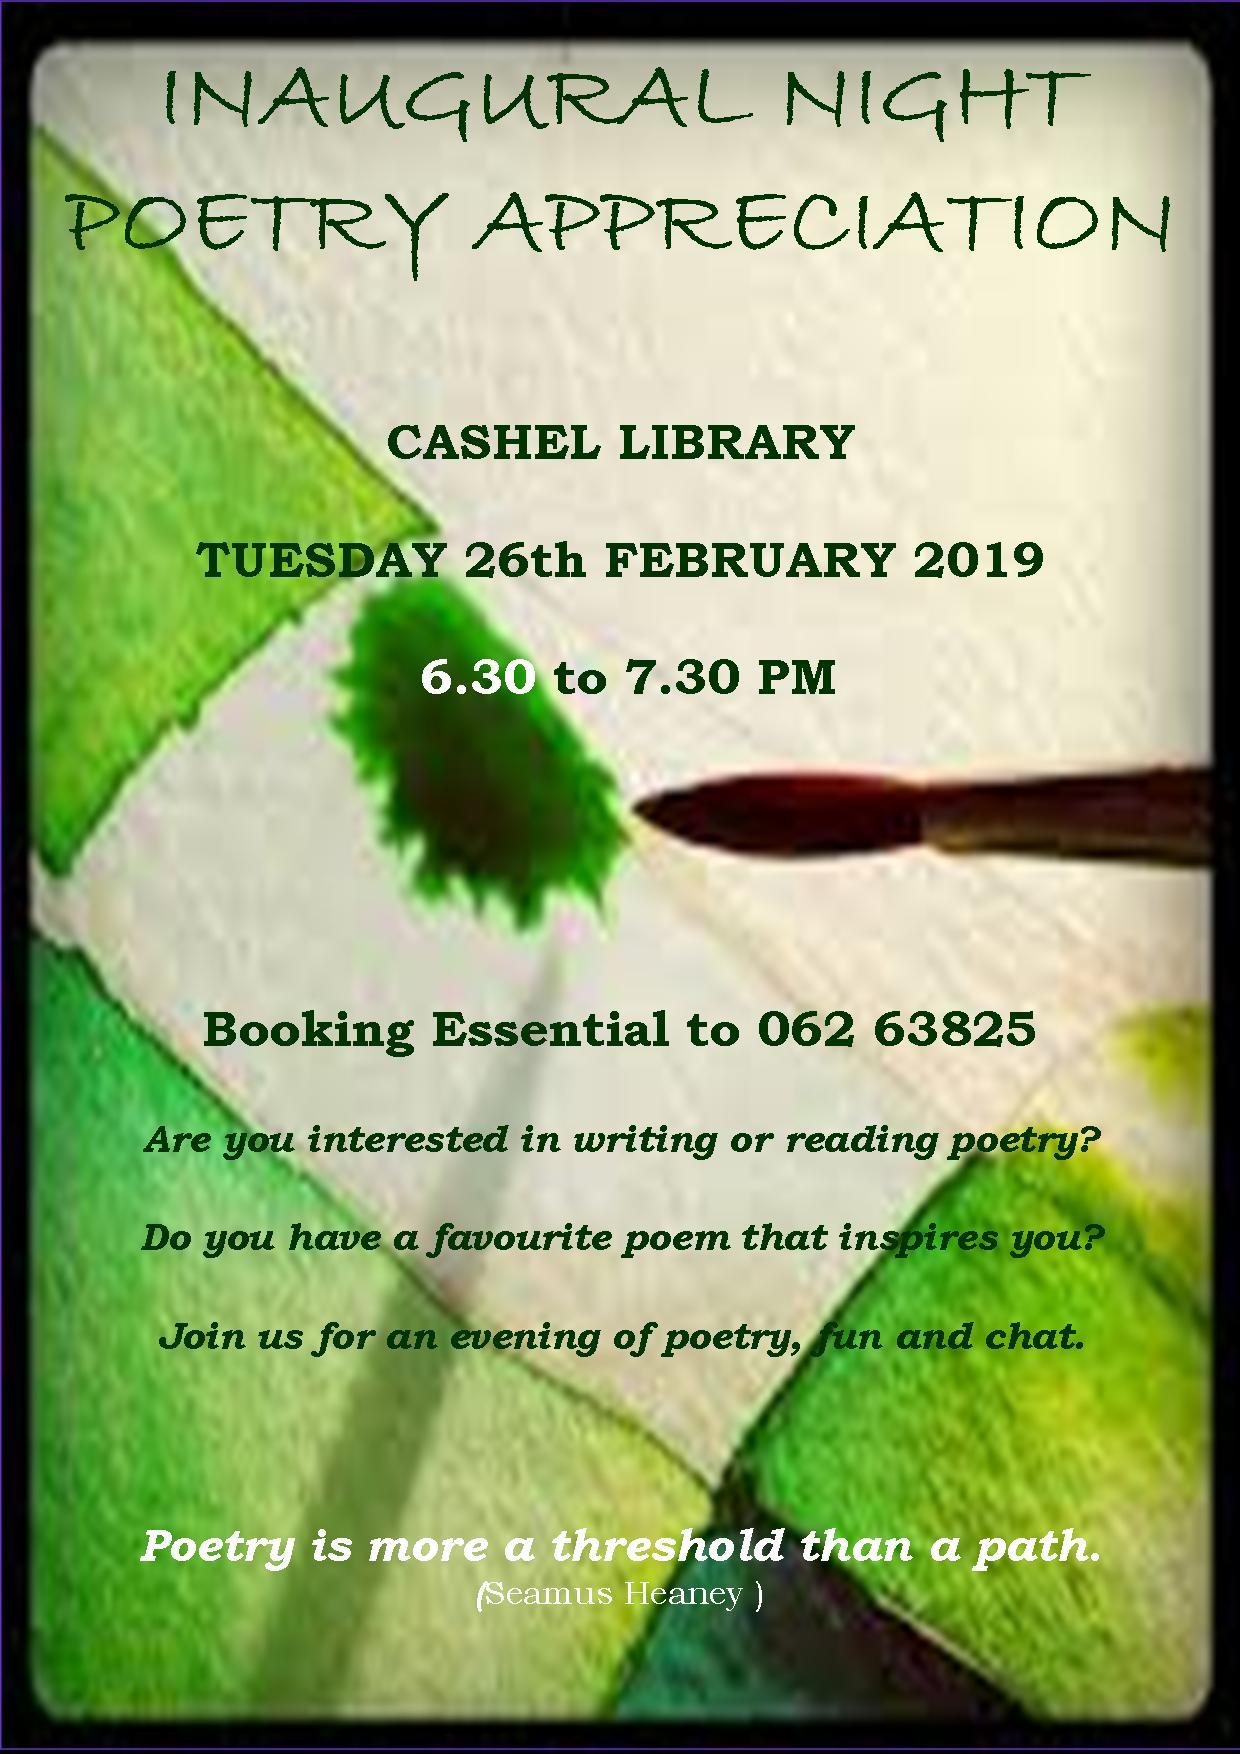 Poetry Appreciation Night In Cashel Library